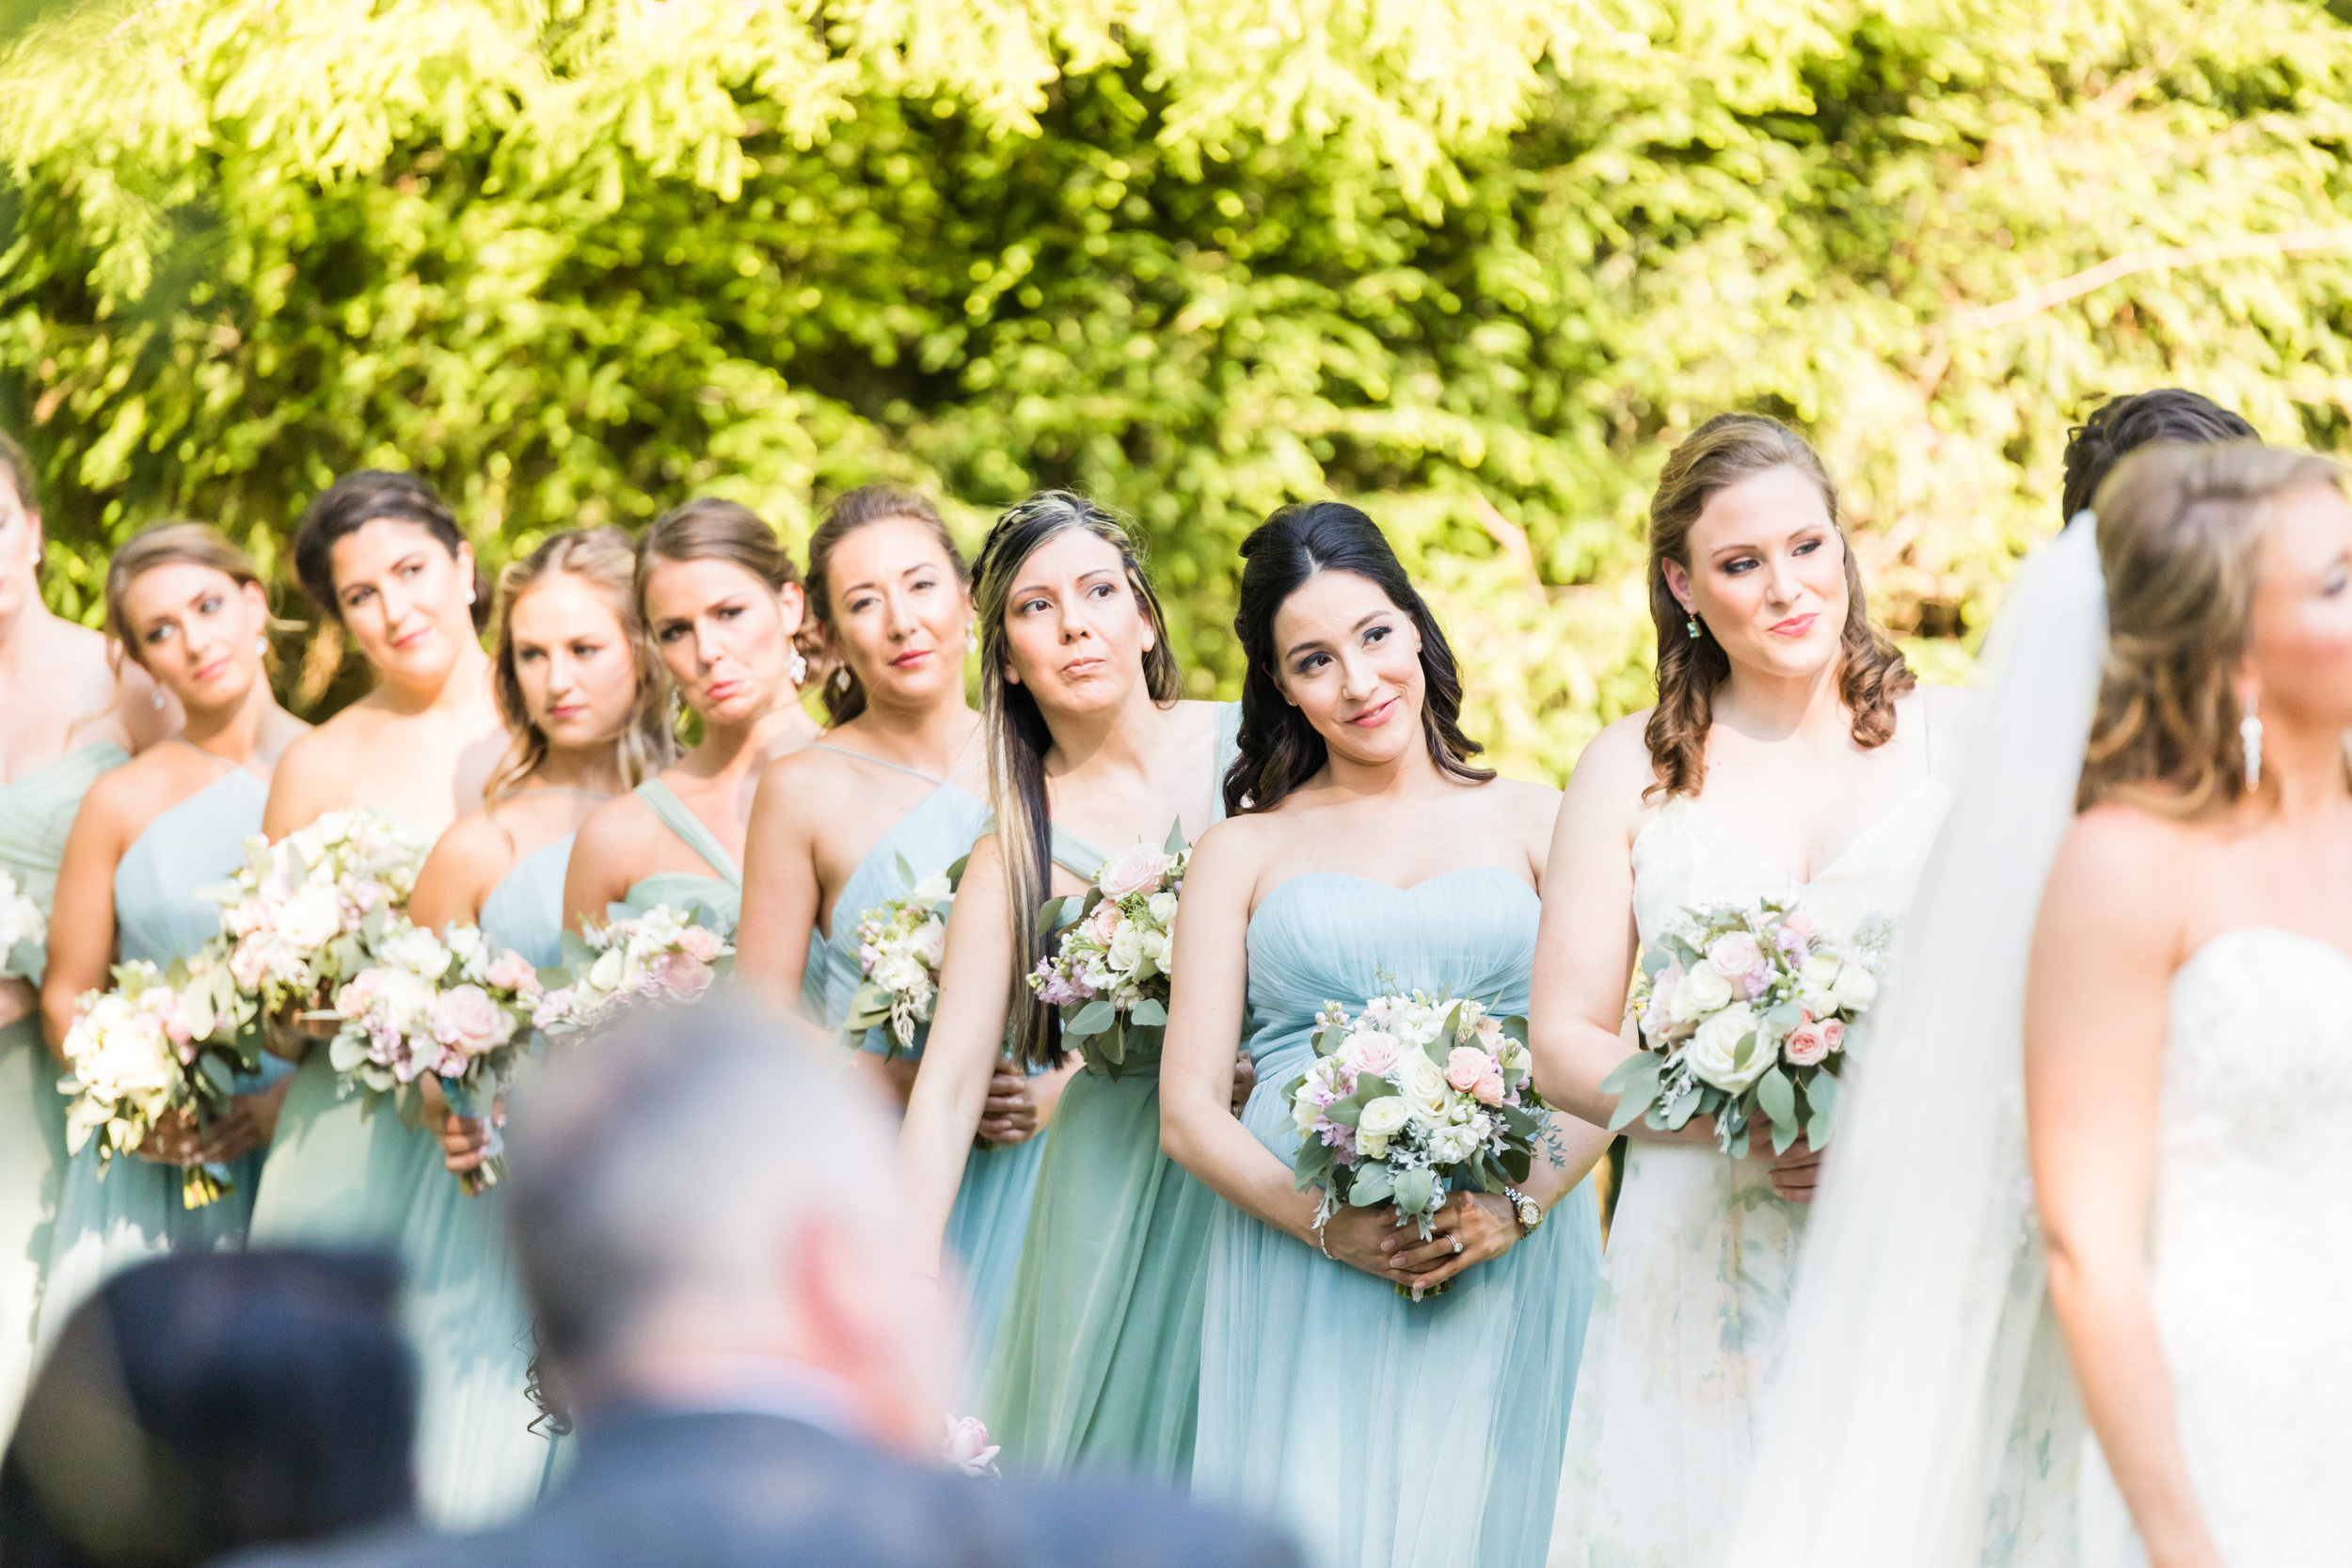 061017 DE Chelsea Clark + Fabio - Lauren Nievod Photography AS JE-0010.jpg